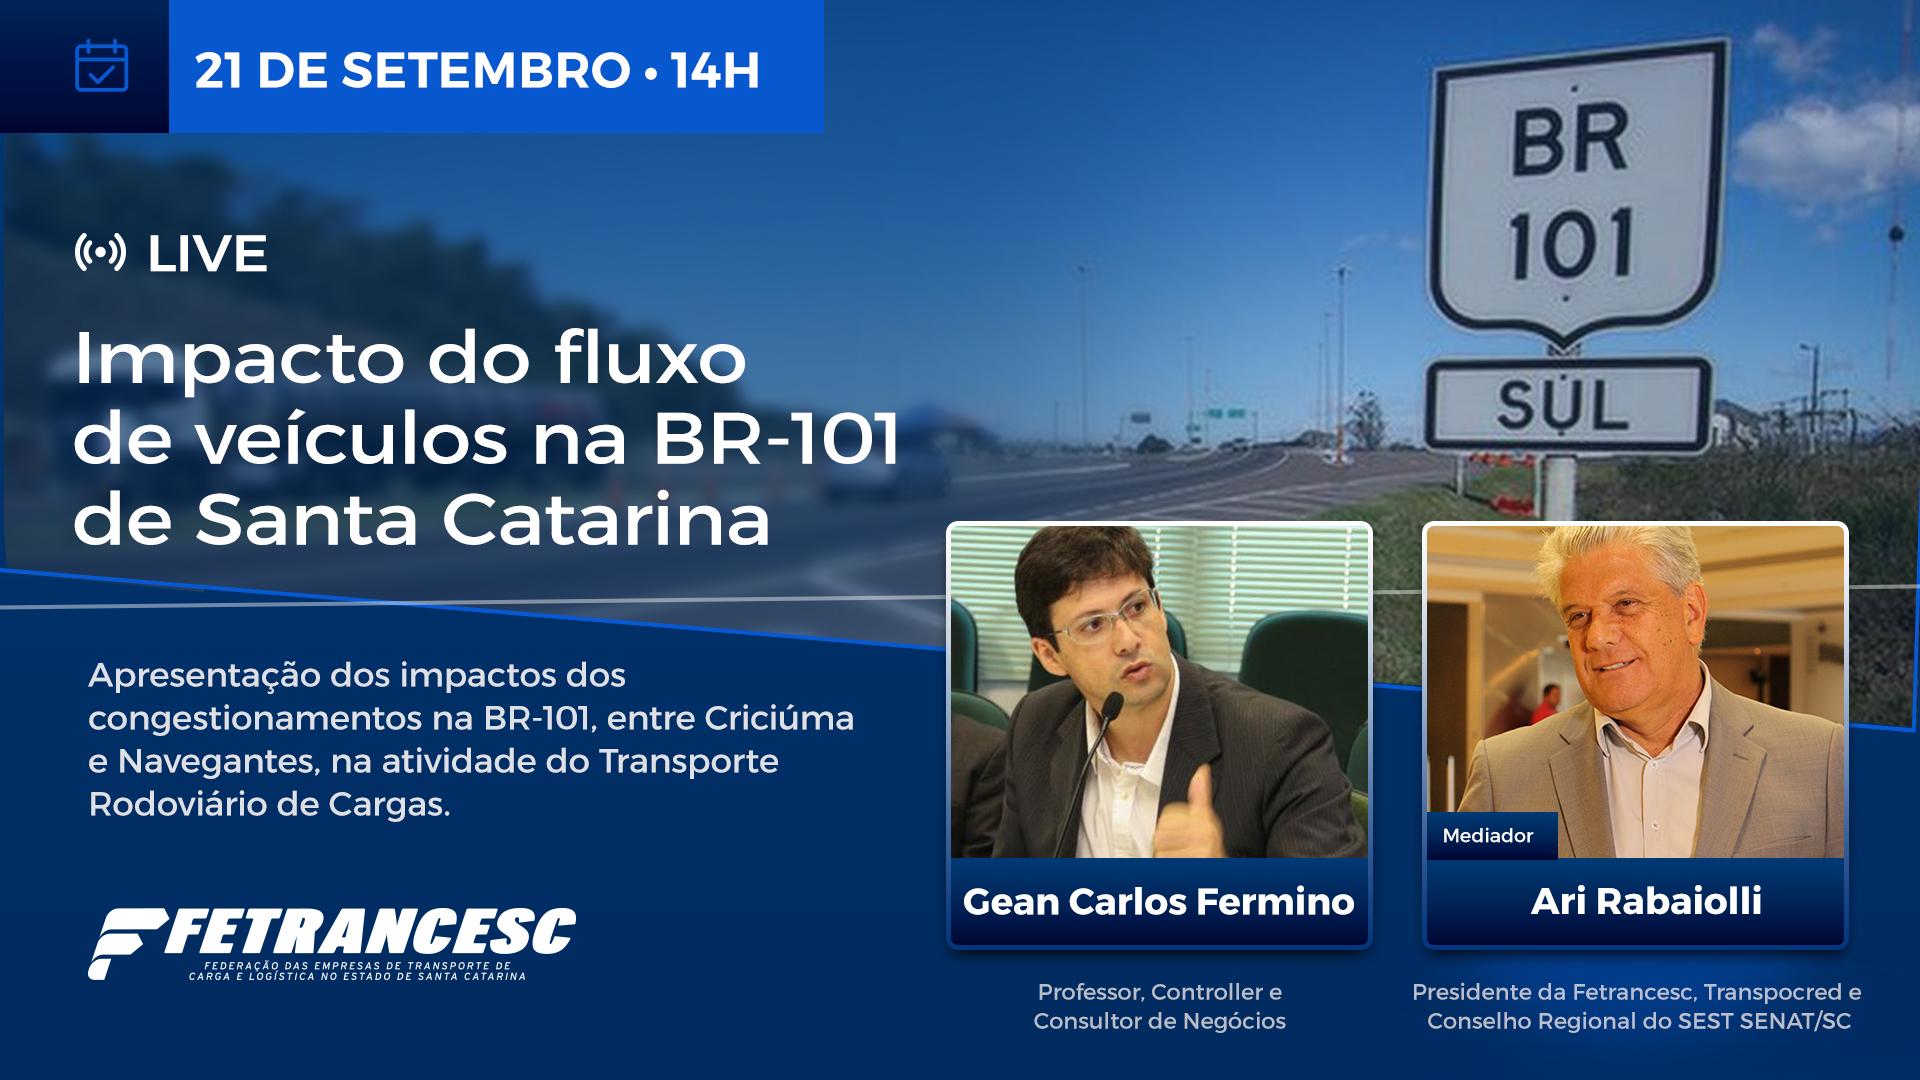 https://www.fetrancesc.com.br/noticia/fetrancesc-apresentara-impactos-dos-congestionamentos-na-br-101-no-custo-do-transporte-rodoviario-de-cargas